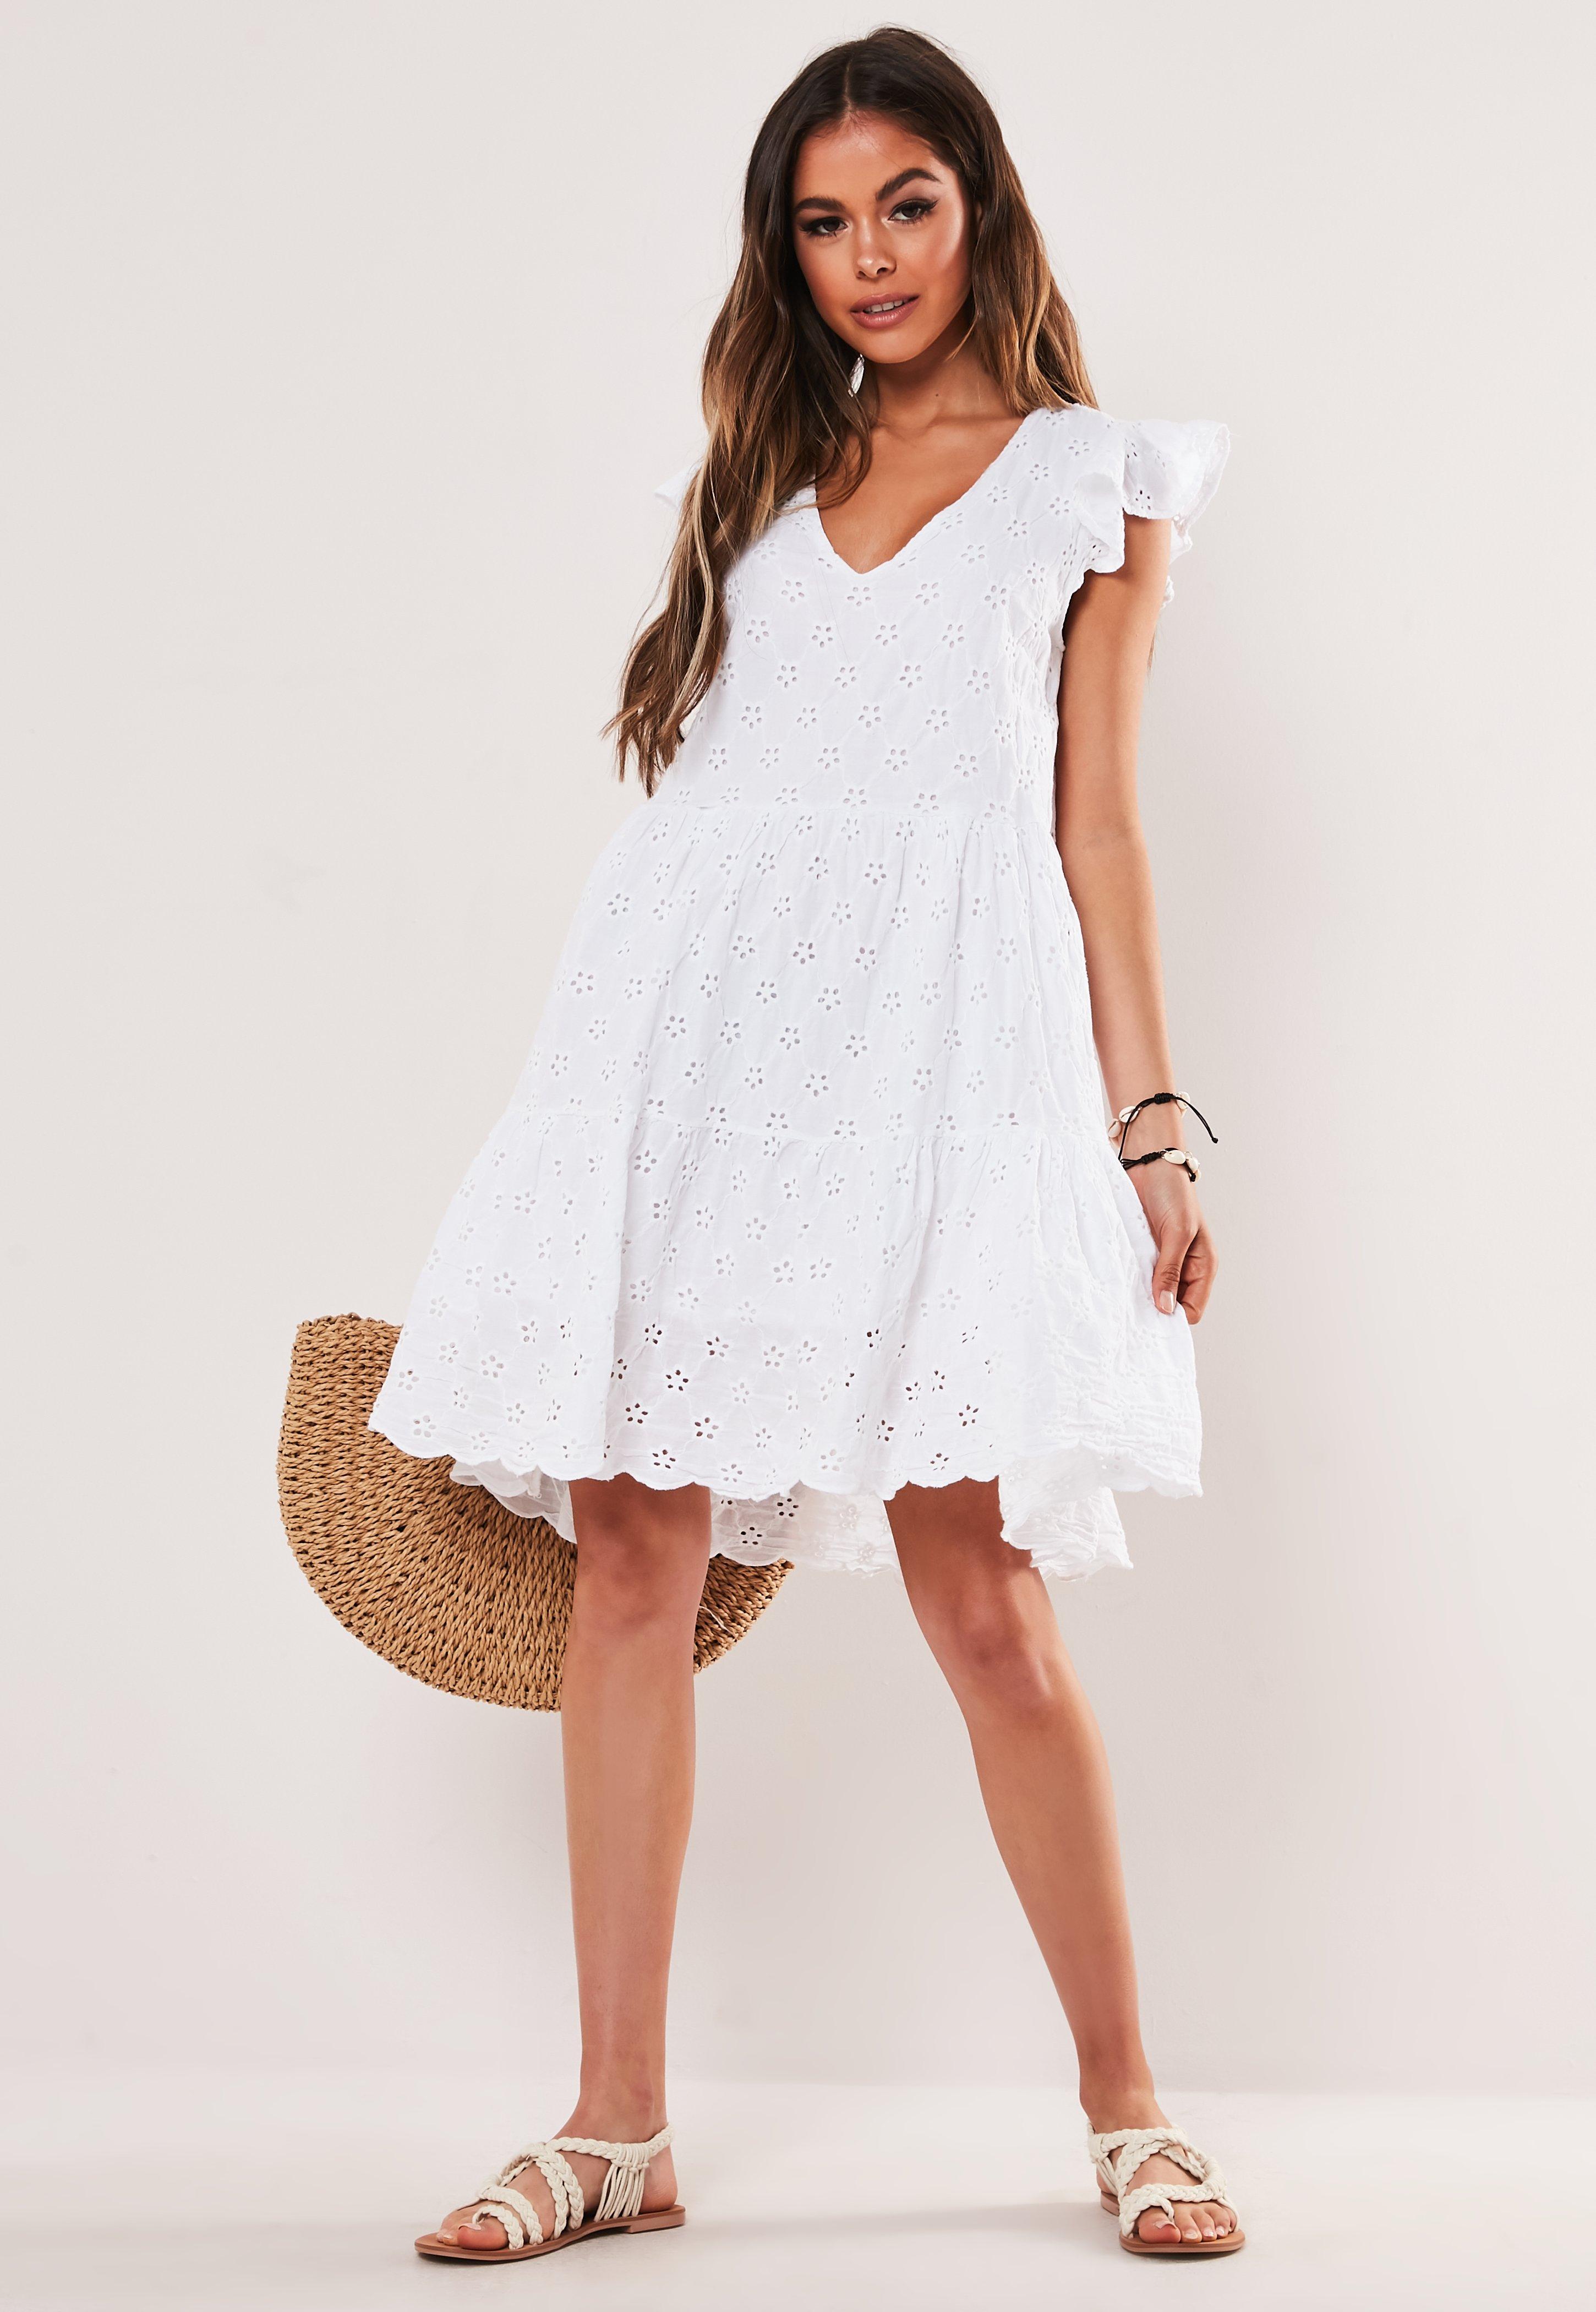 dff64a4d5c6e Plunge Dresses | Low Cut & V -Neck Dresses | Missguided